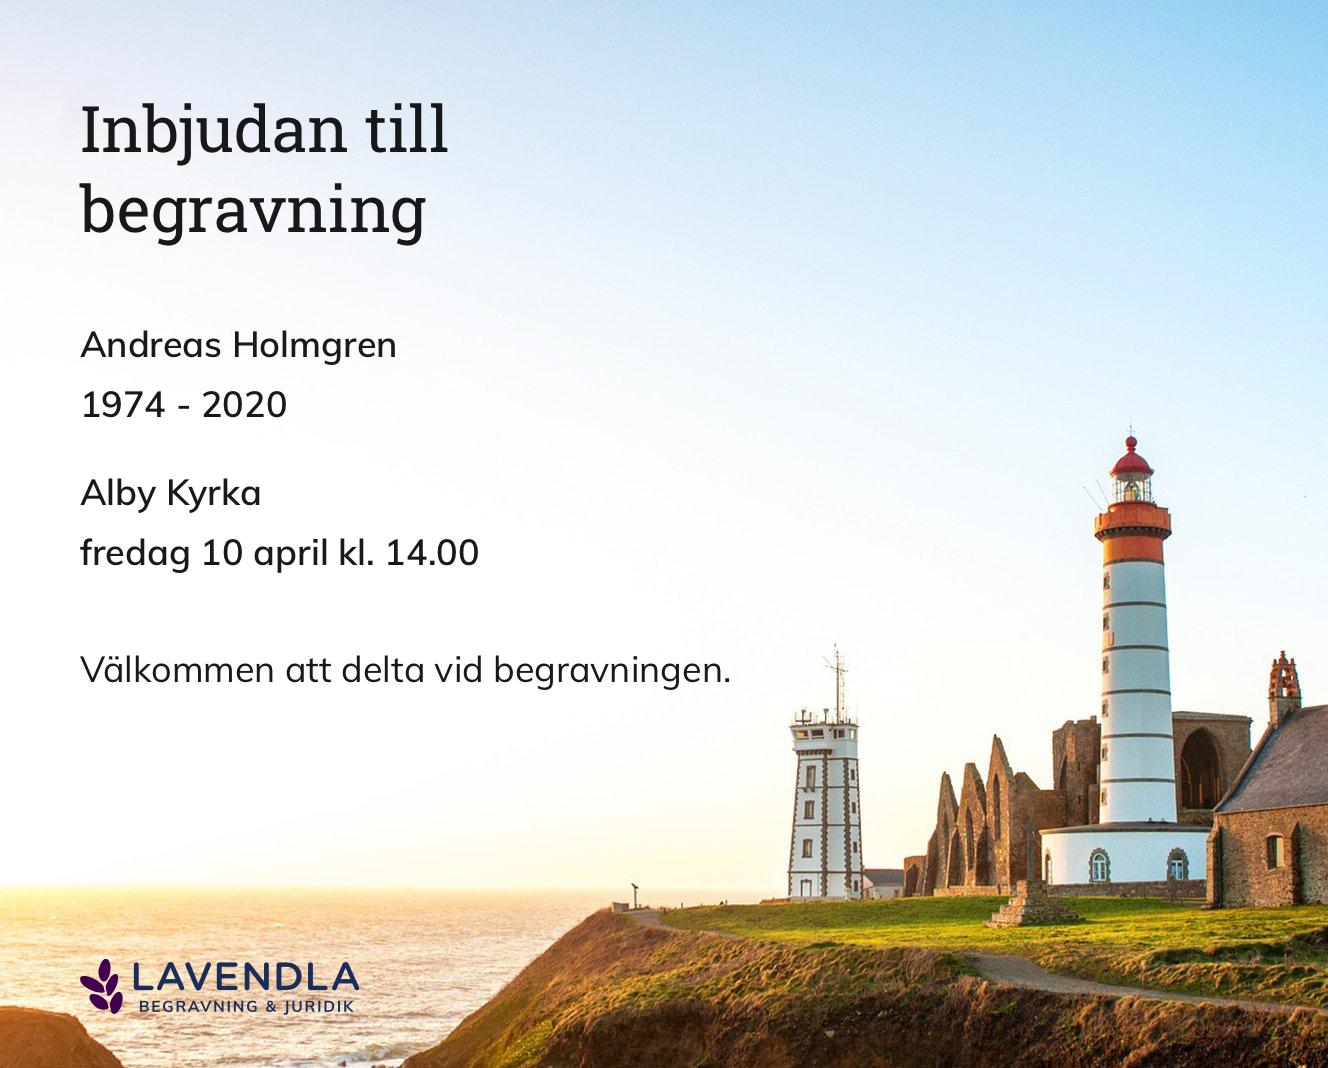 Inbjudningskort till ceremonin för Andreas Holmgren